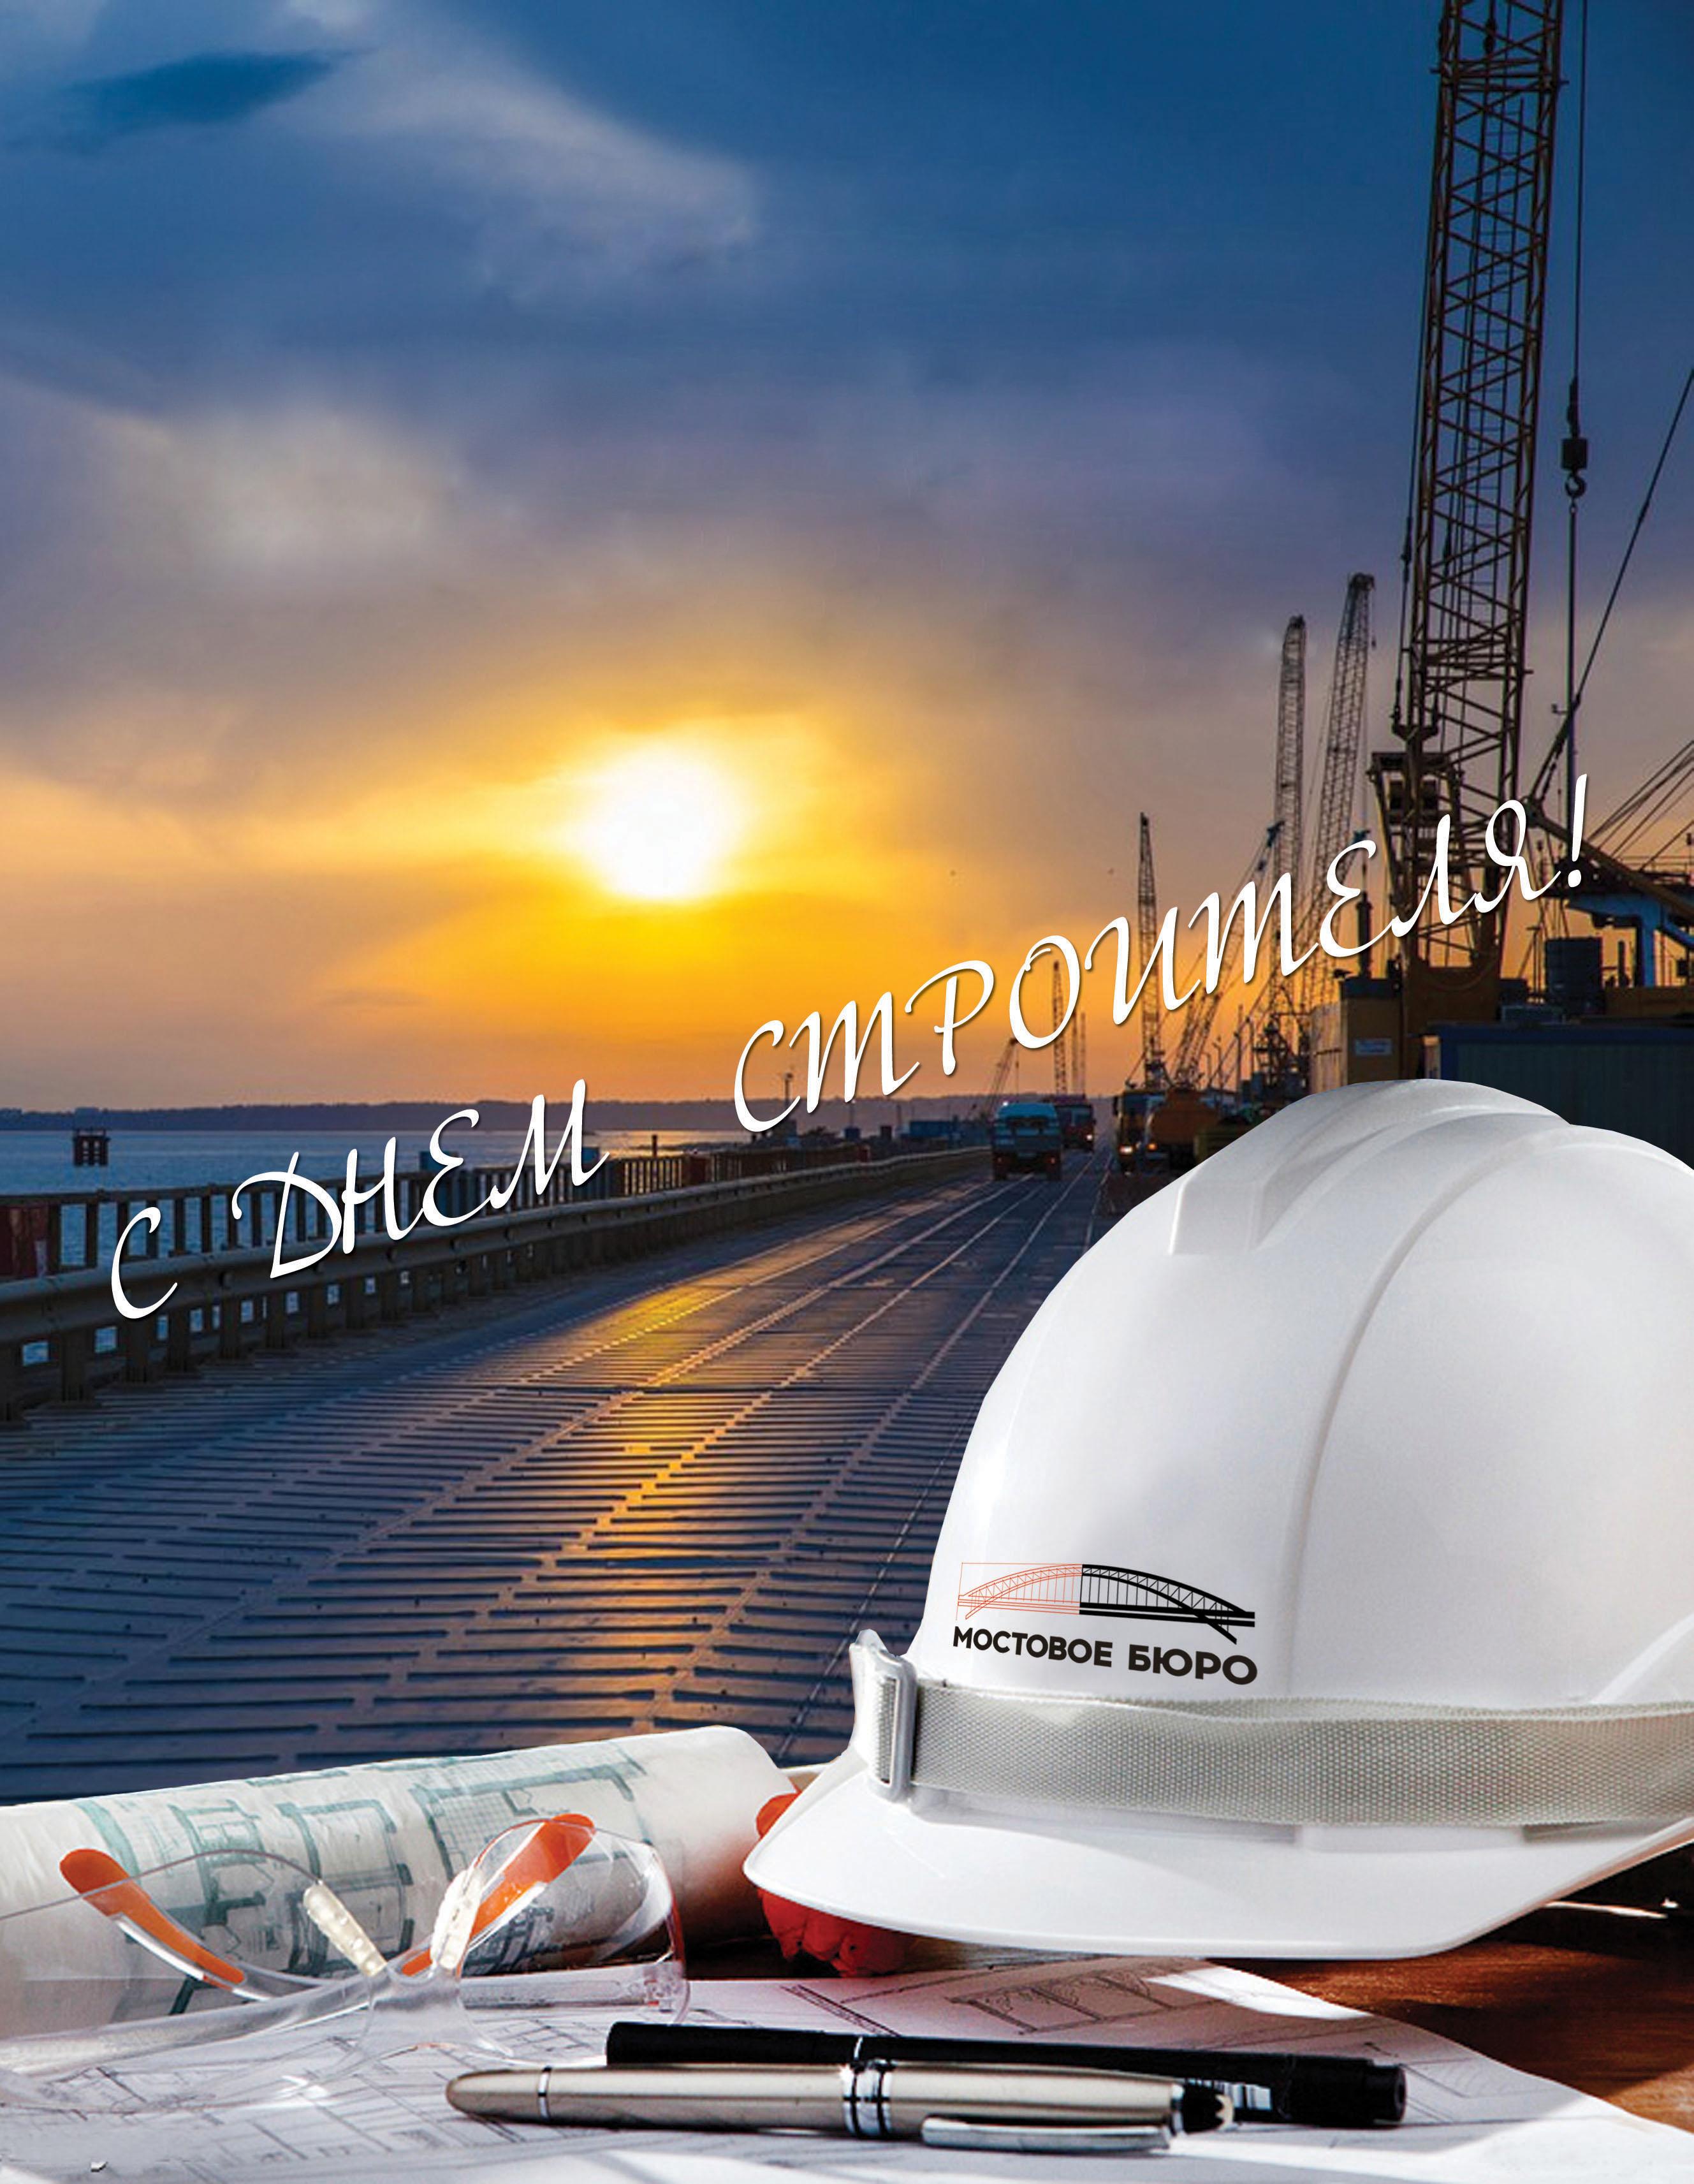 нашей статье праздник день строителя фото открытки может